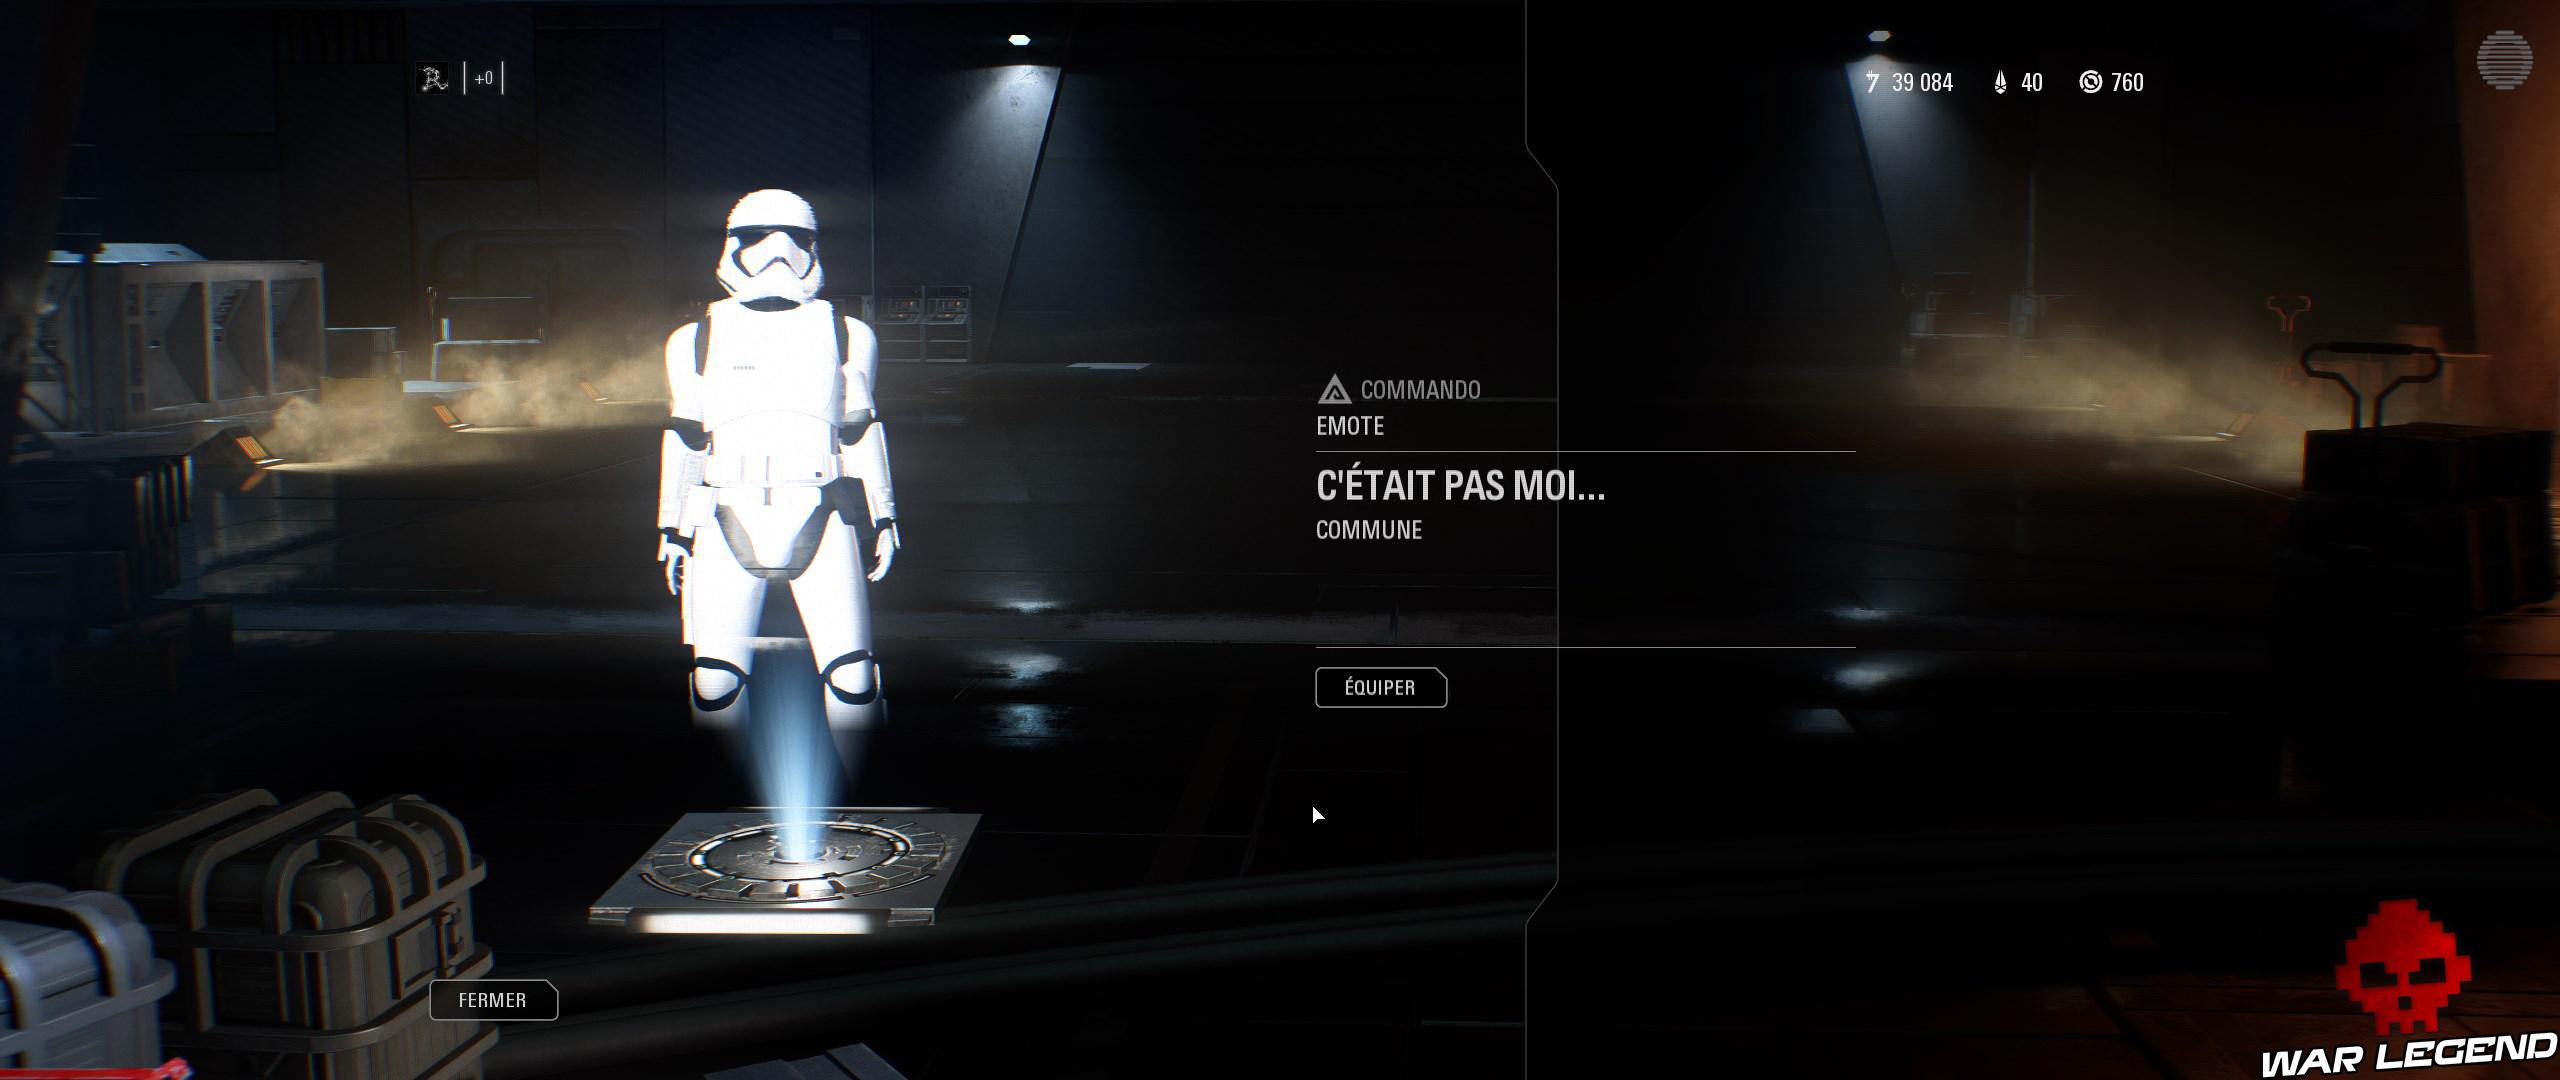 ReTest Star Wars Battlefront II emote c'était pas moi